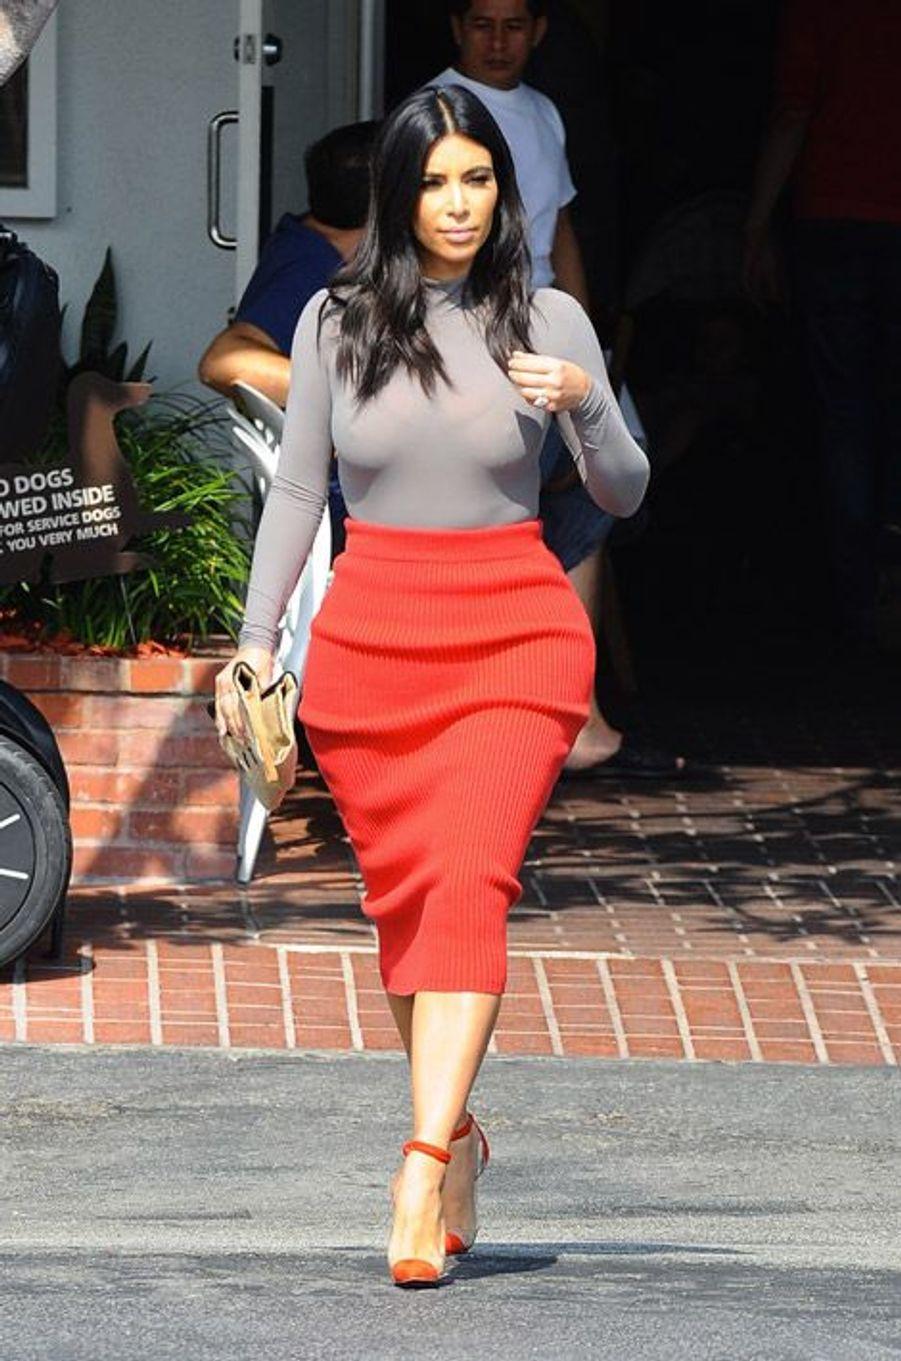 La star de la téléréalité, Kim Kardashian, décline même la maille en jupe crayon, à Los Angeles, le 20 octobre 2014